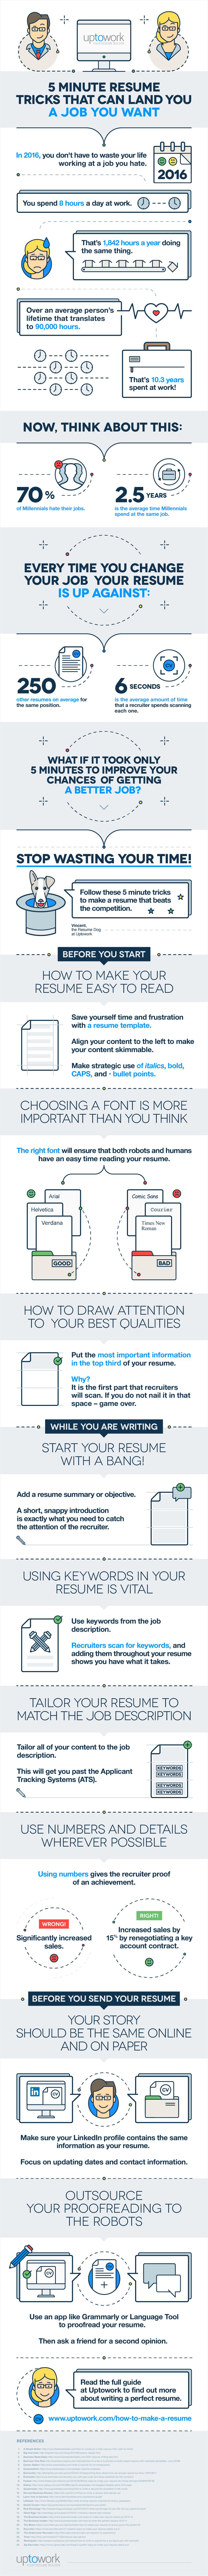 resume-tricks-resume